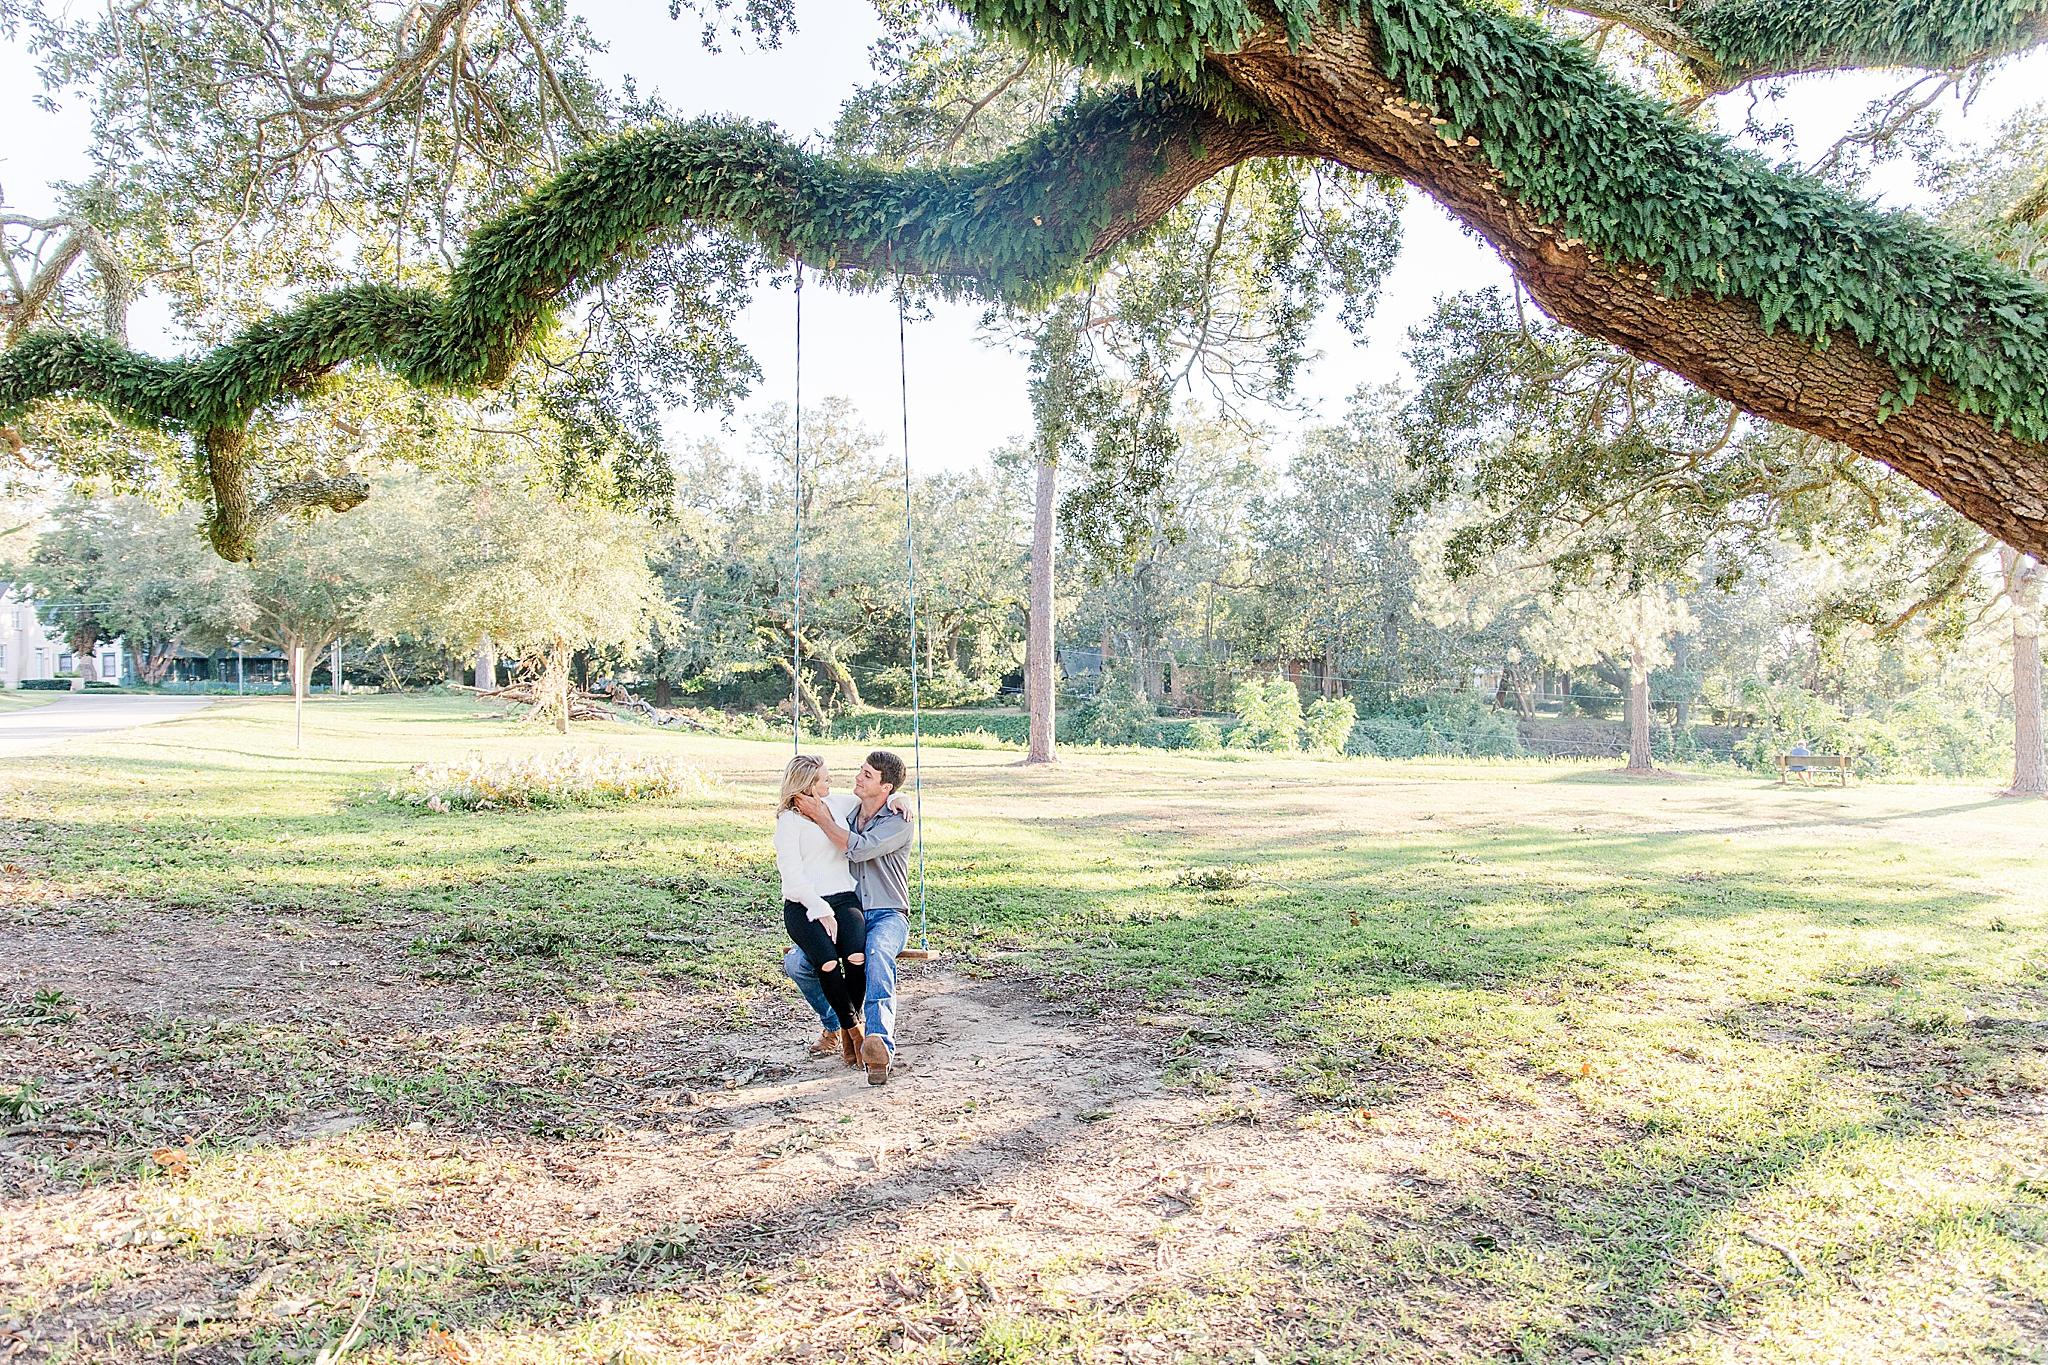 bride and groom sit on wooden swing in Fairhope AL park